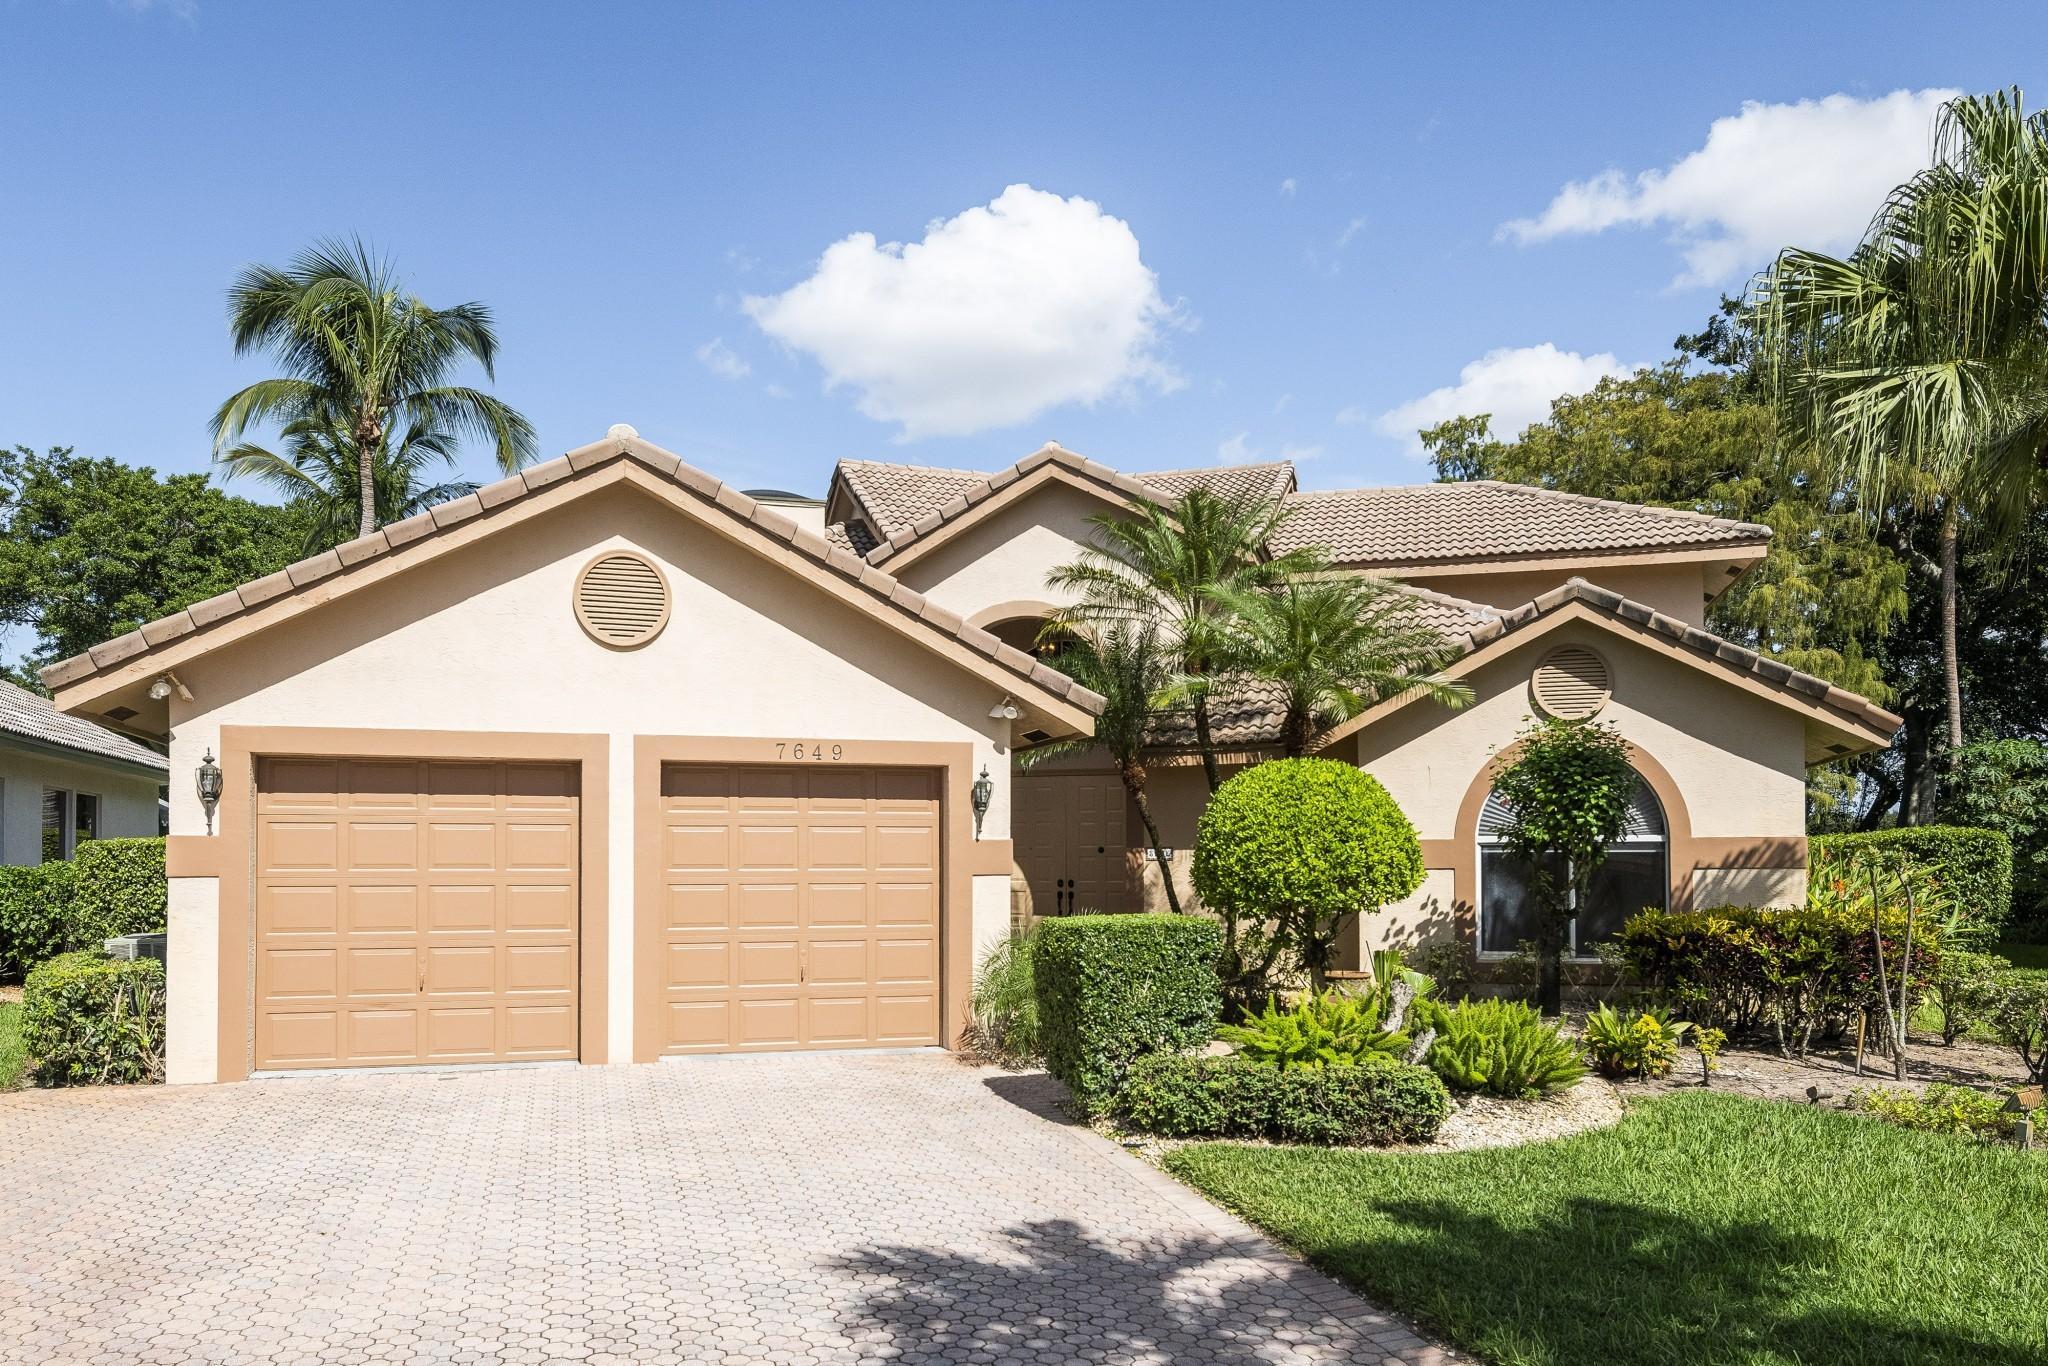 Photo of 7649 Corniche Circle, Boca Raton, FL 33433